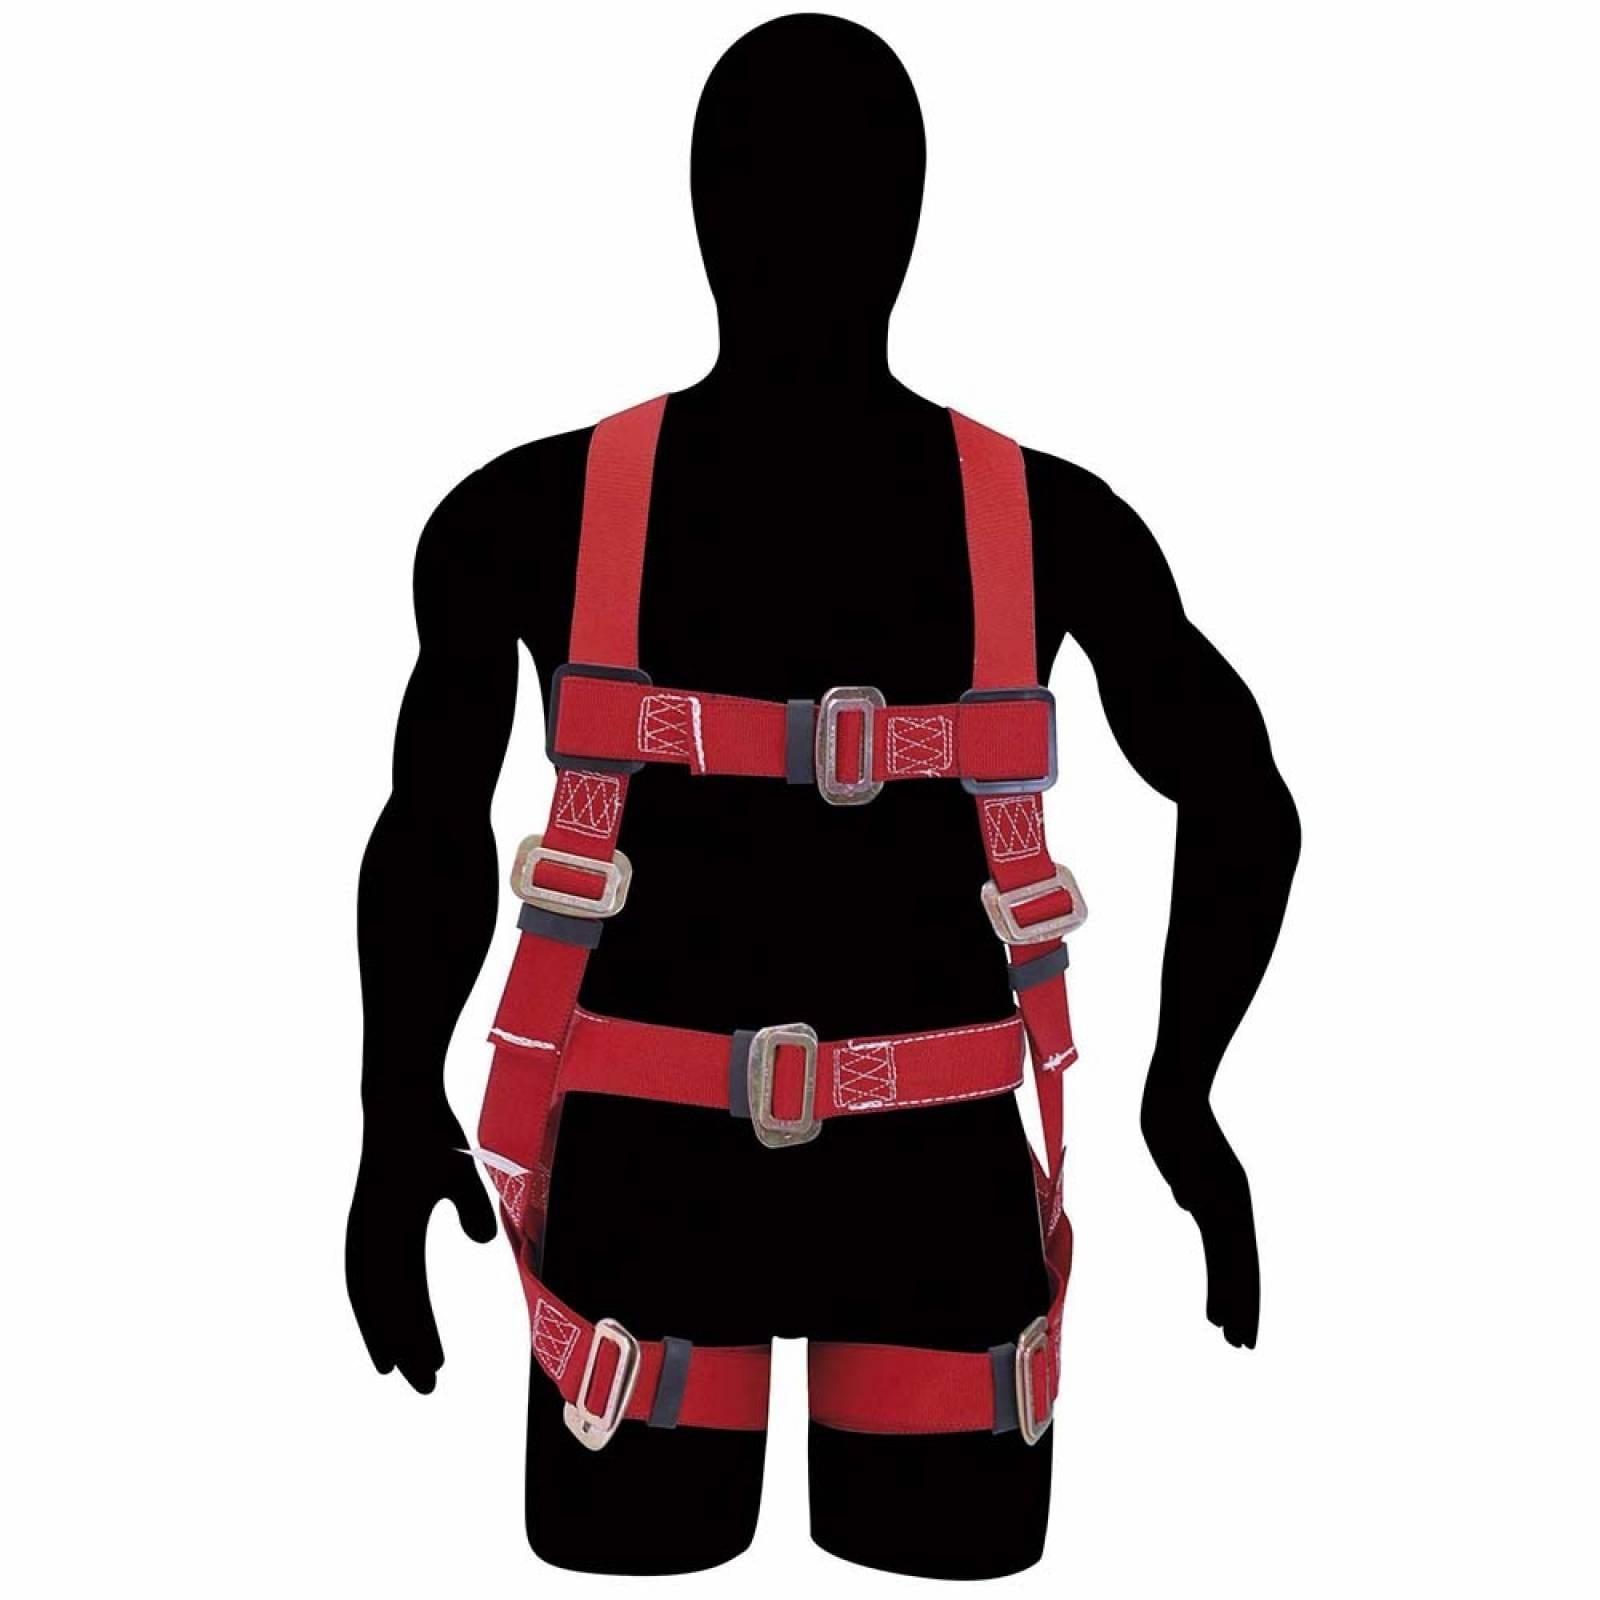 Arnés contra caídas con cinturón talla 36-40  USA5A Urrea